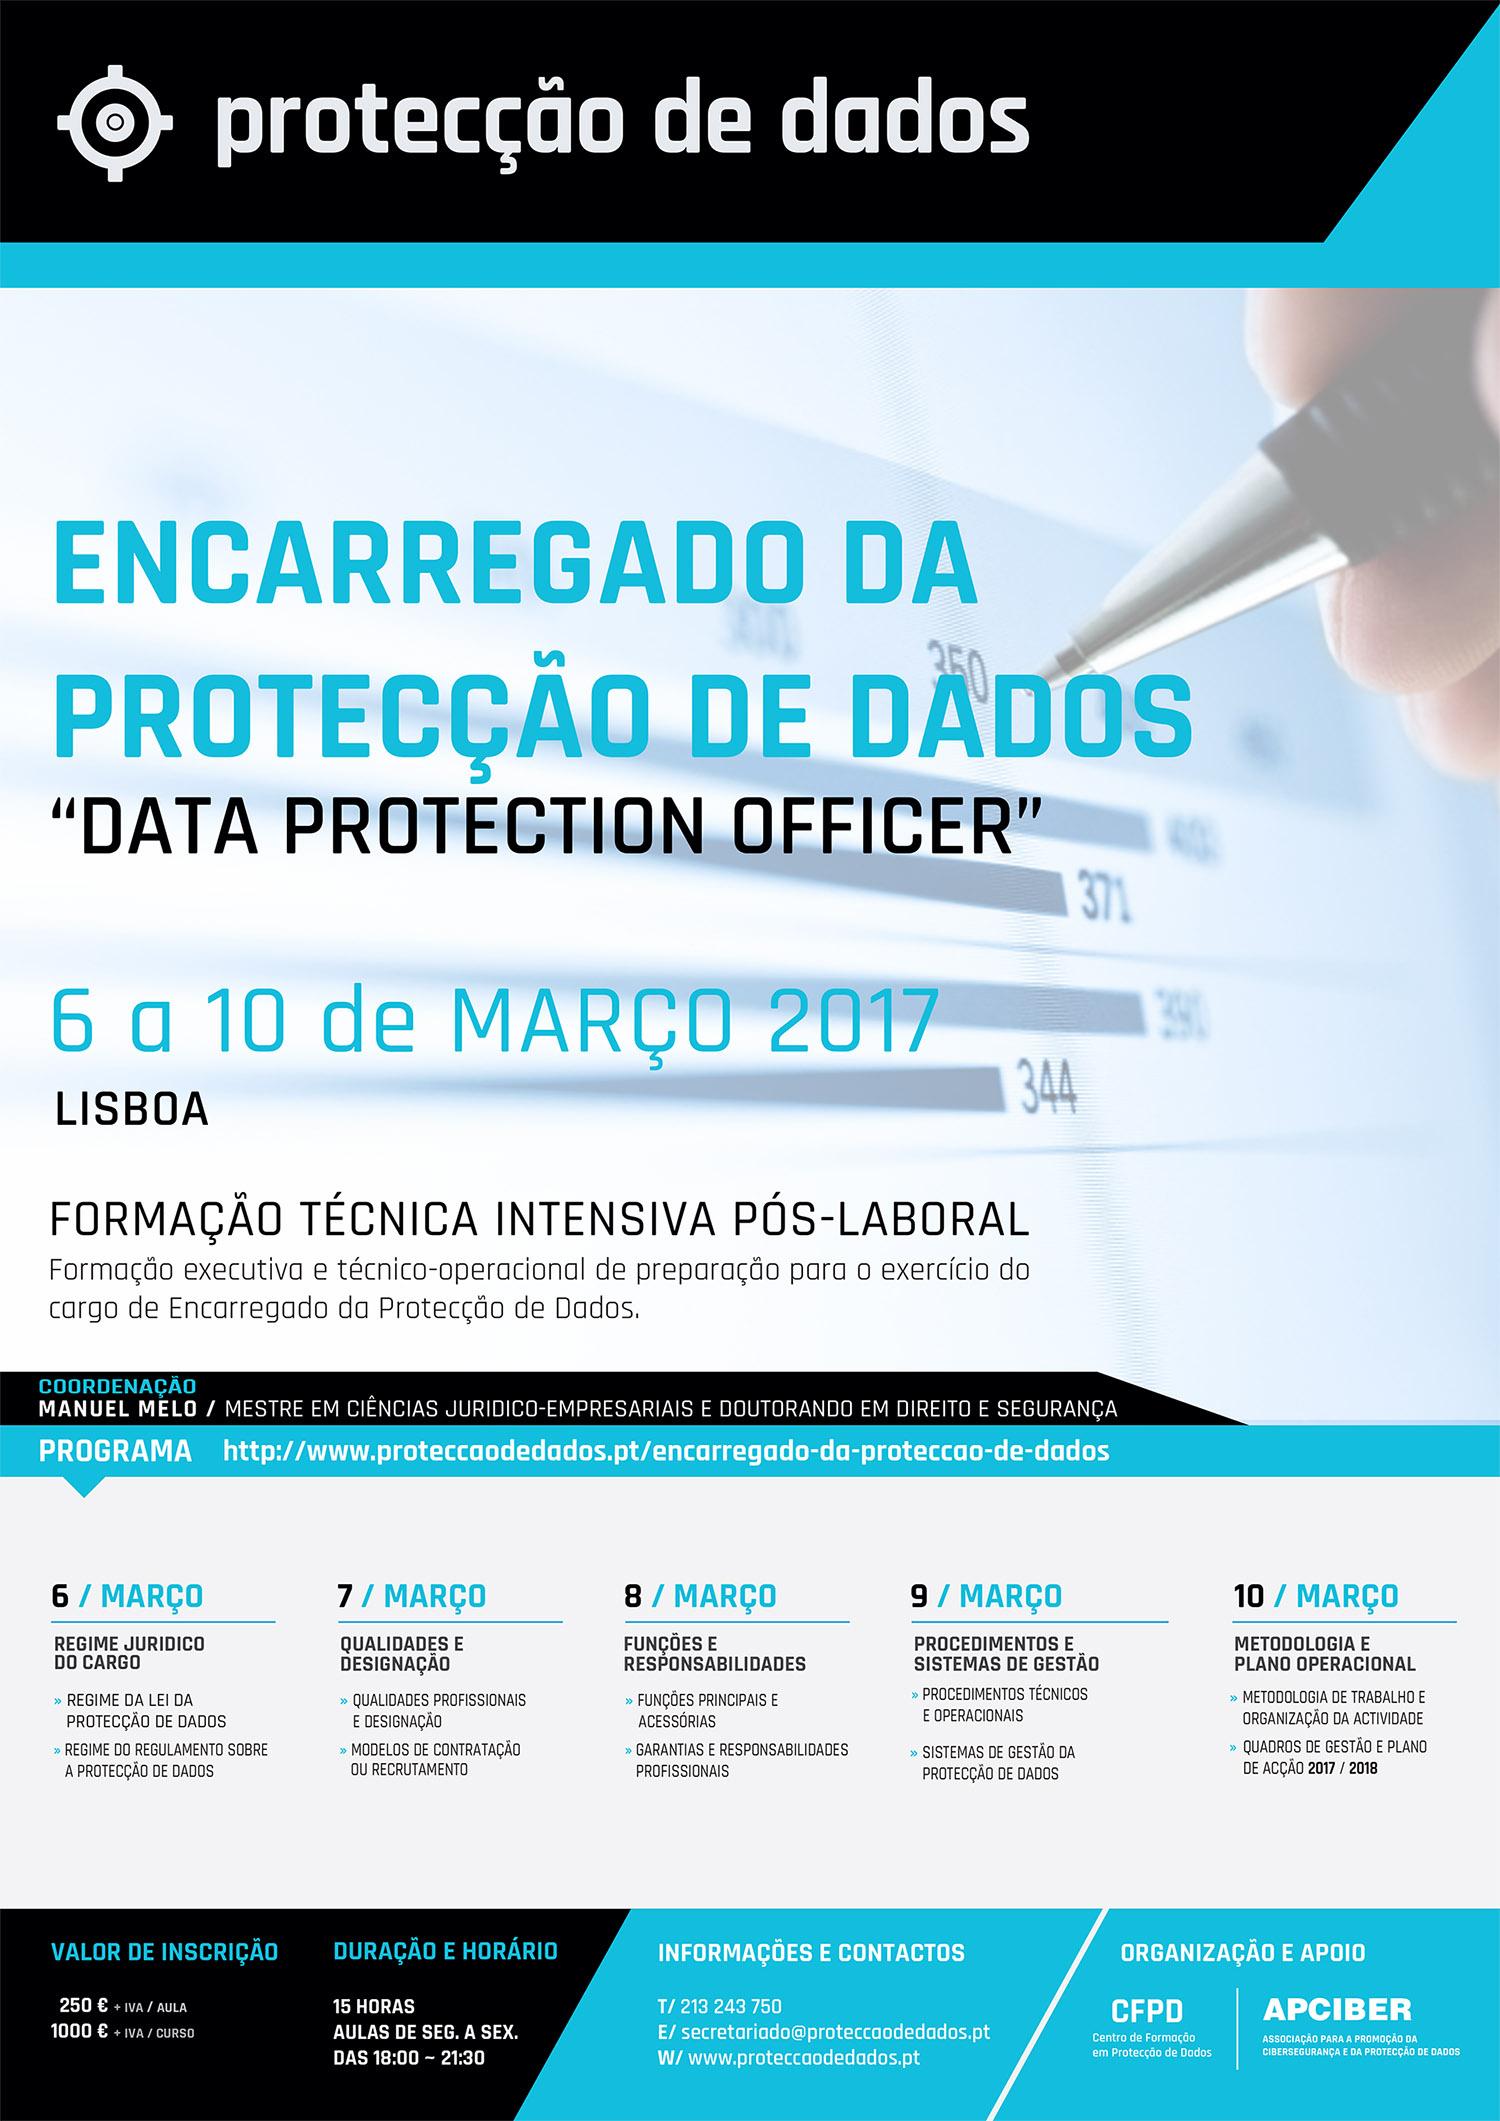 Curso de Formação EPD - Encarregado da Protecção de Dados - Agenda do Curso